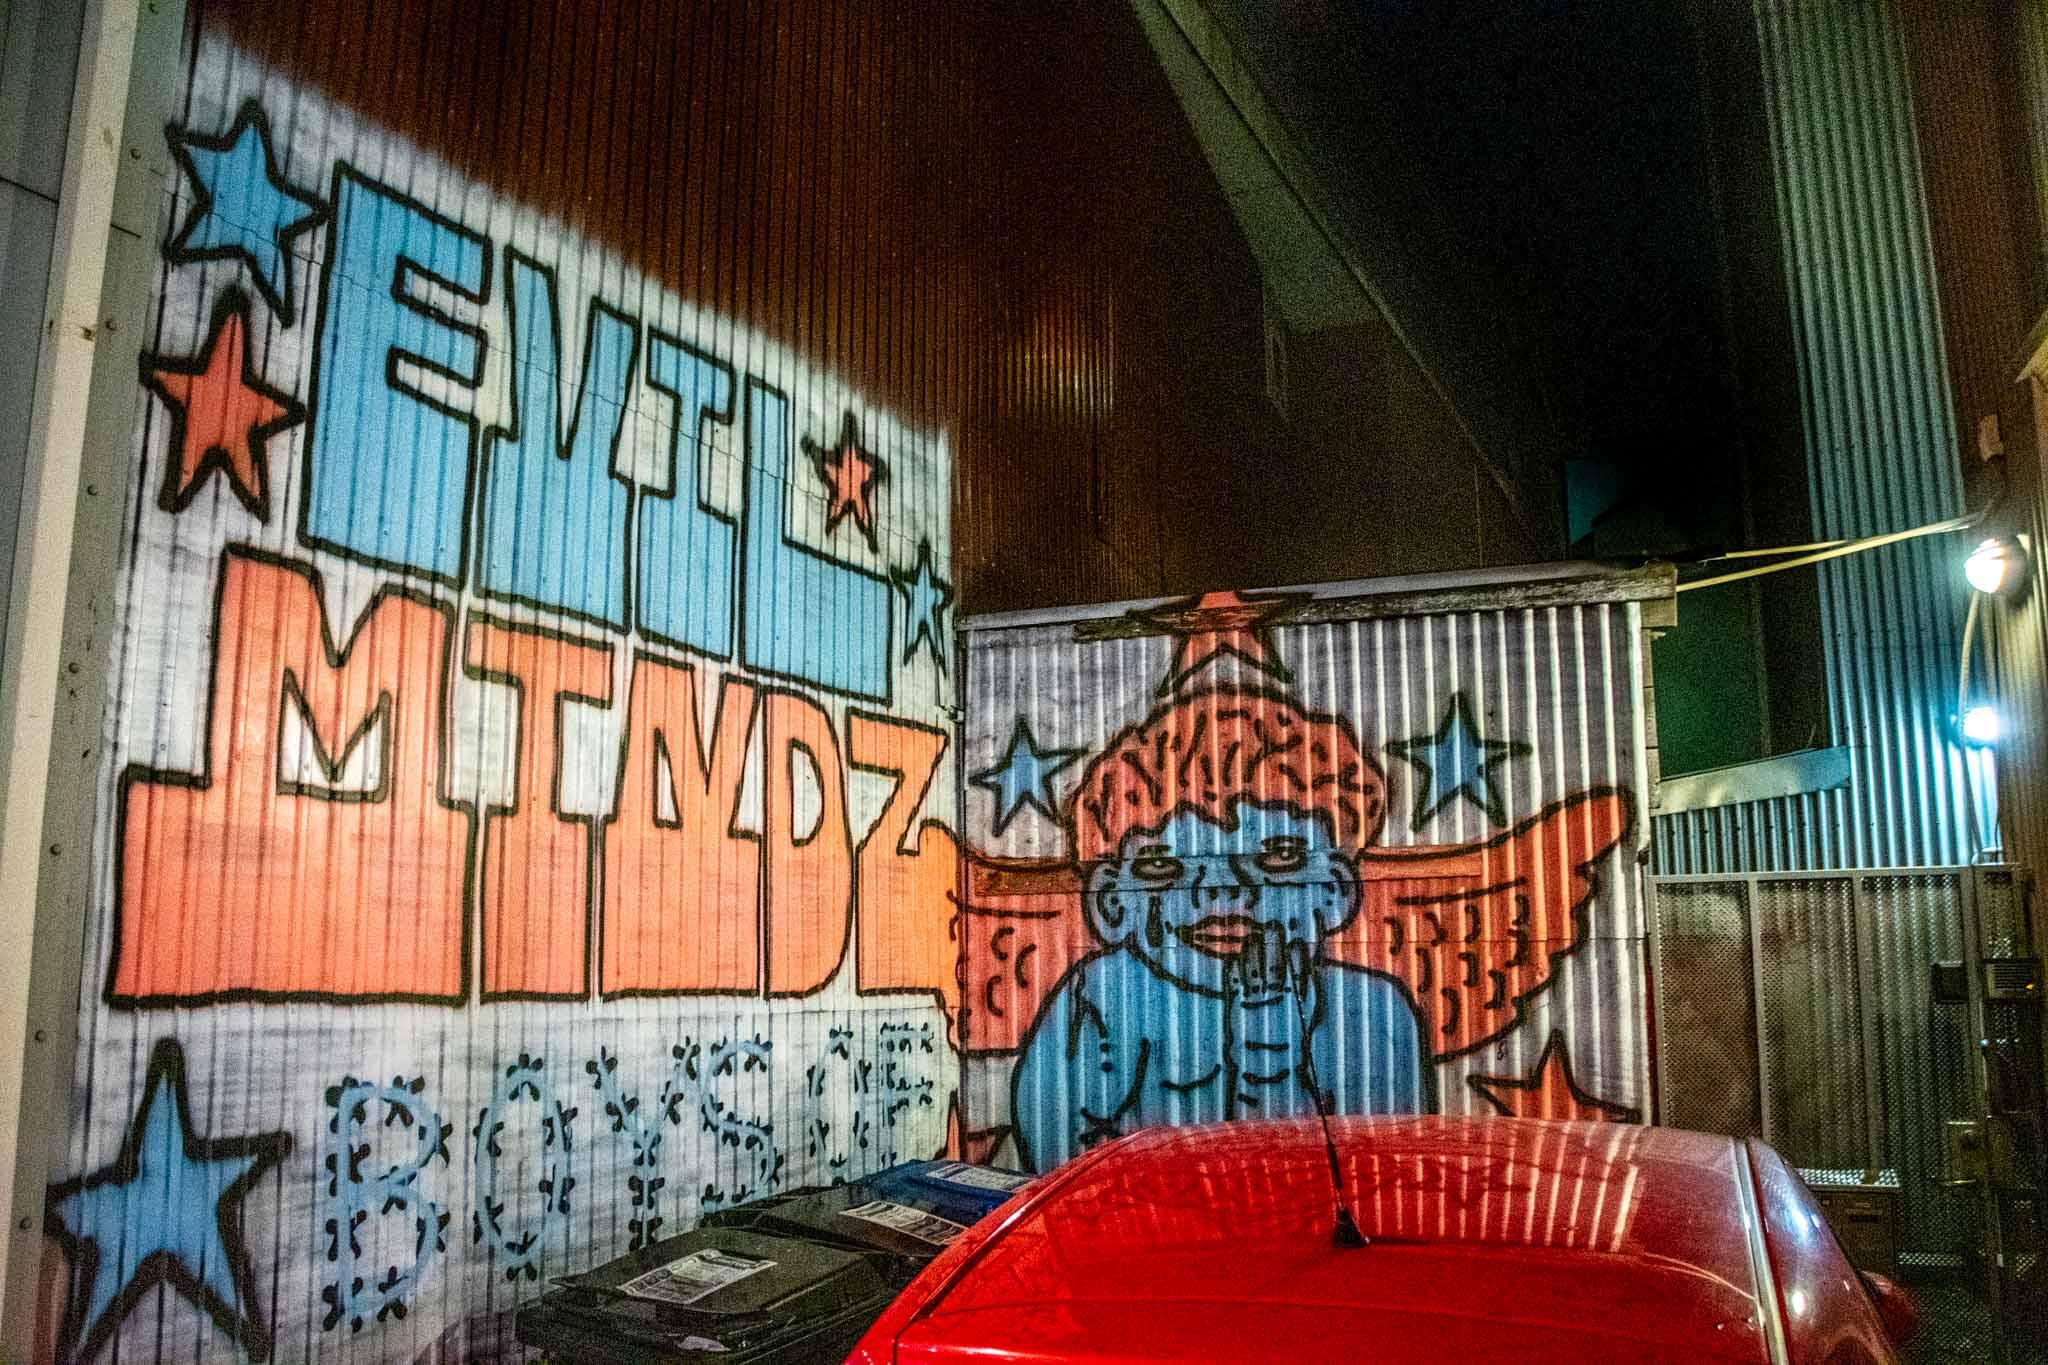 Evil Mindz mural in someone's driveway in Reykjavik